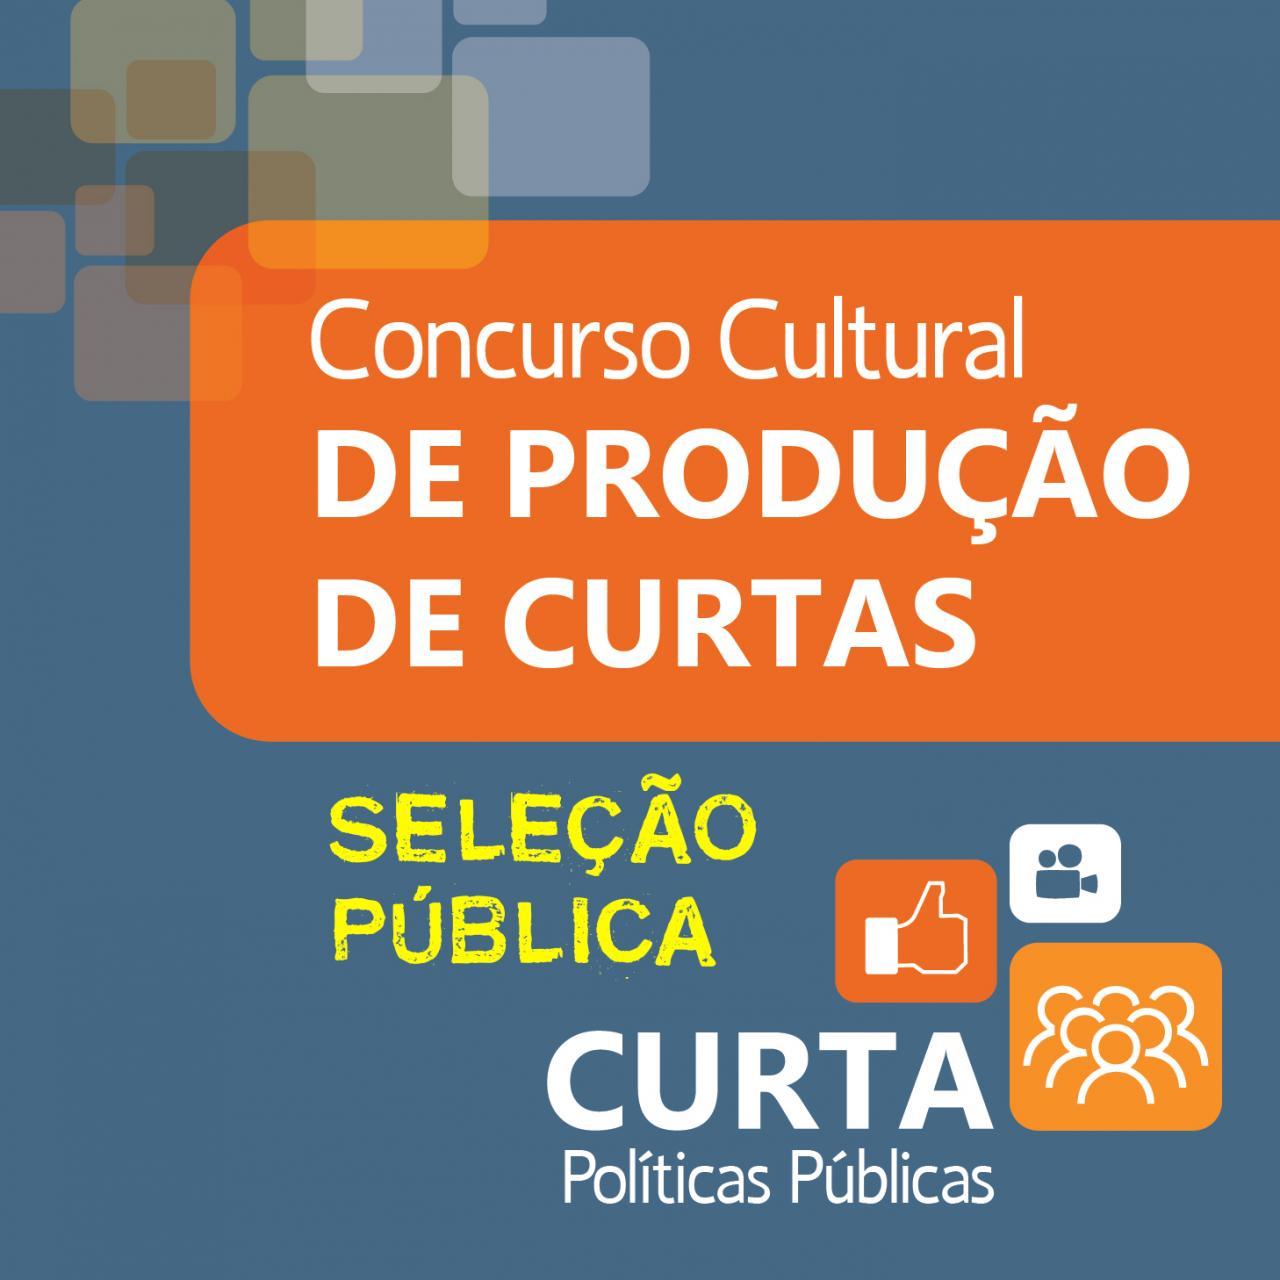 Concurso Cultural de Curtas 2019 - Seleção Pública